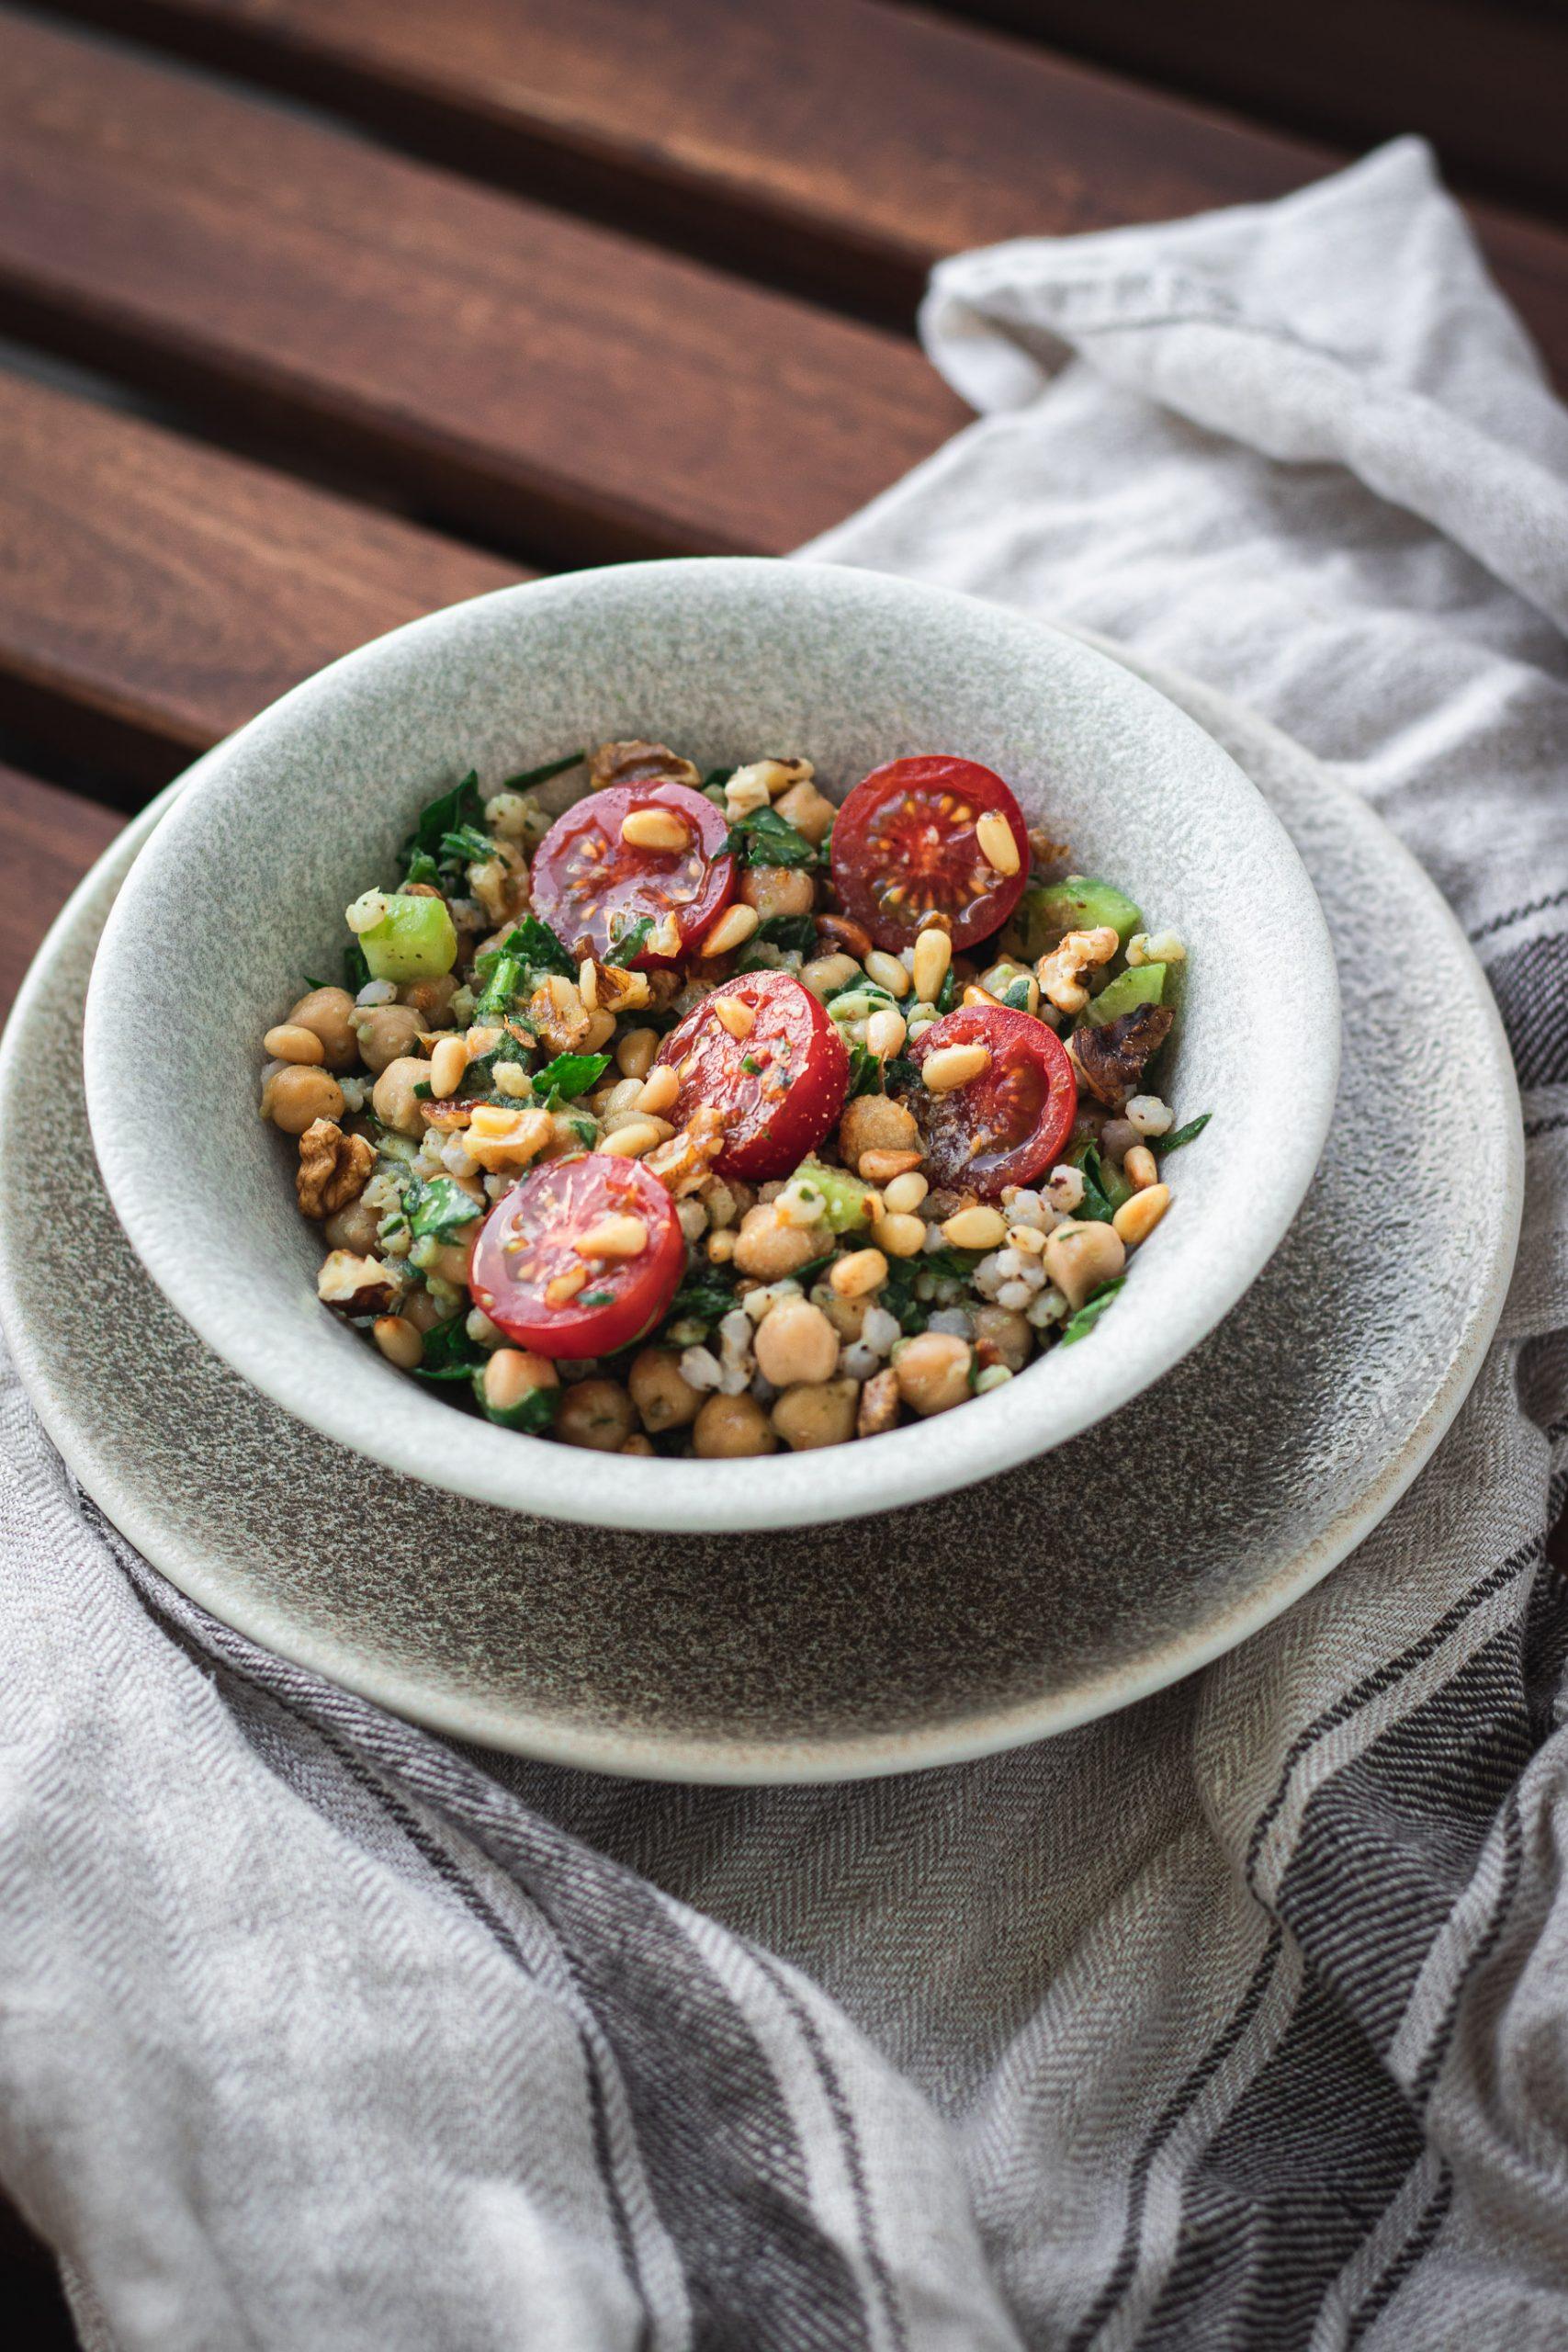 Maistingos salotos su avinžirniais ir sorgų kruopomis